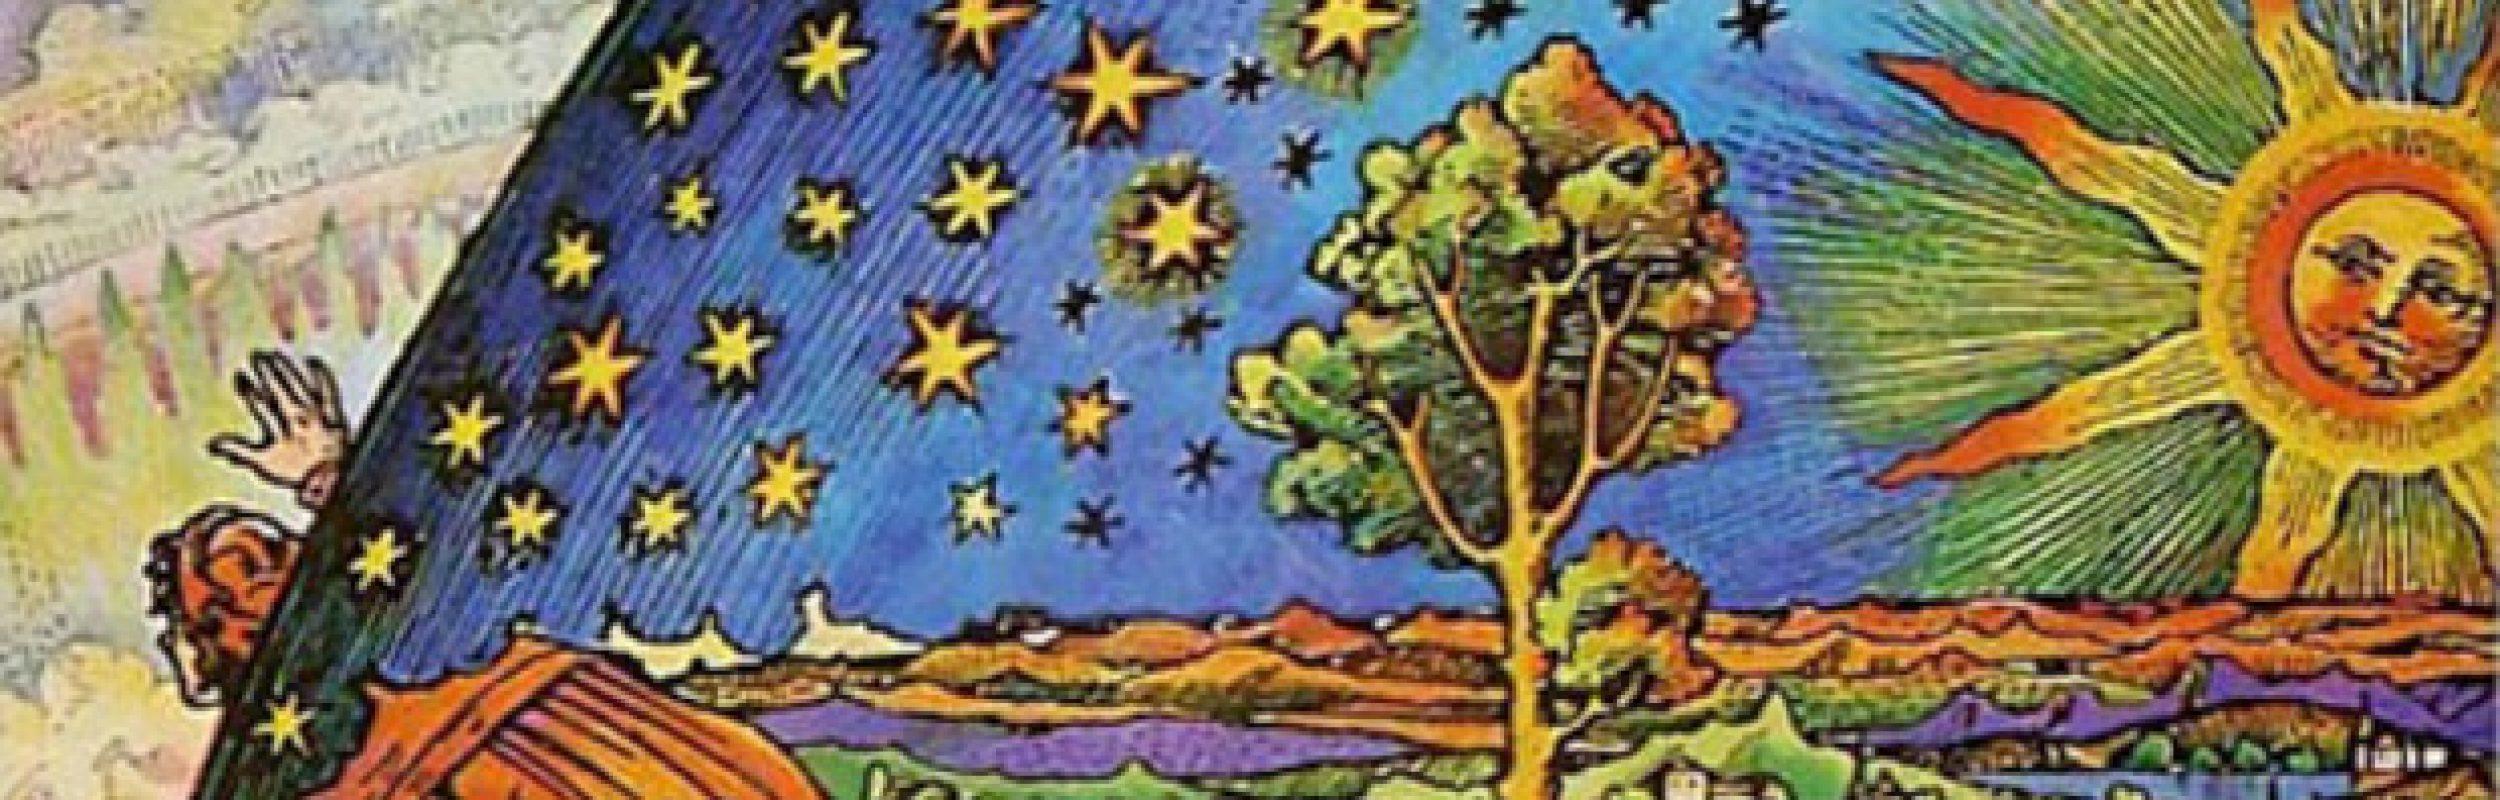 Gnosticismo, Samael Aun Weor y el engaño de la Gnosis (video)